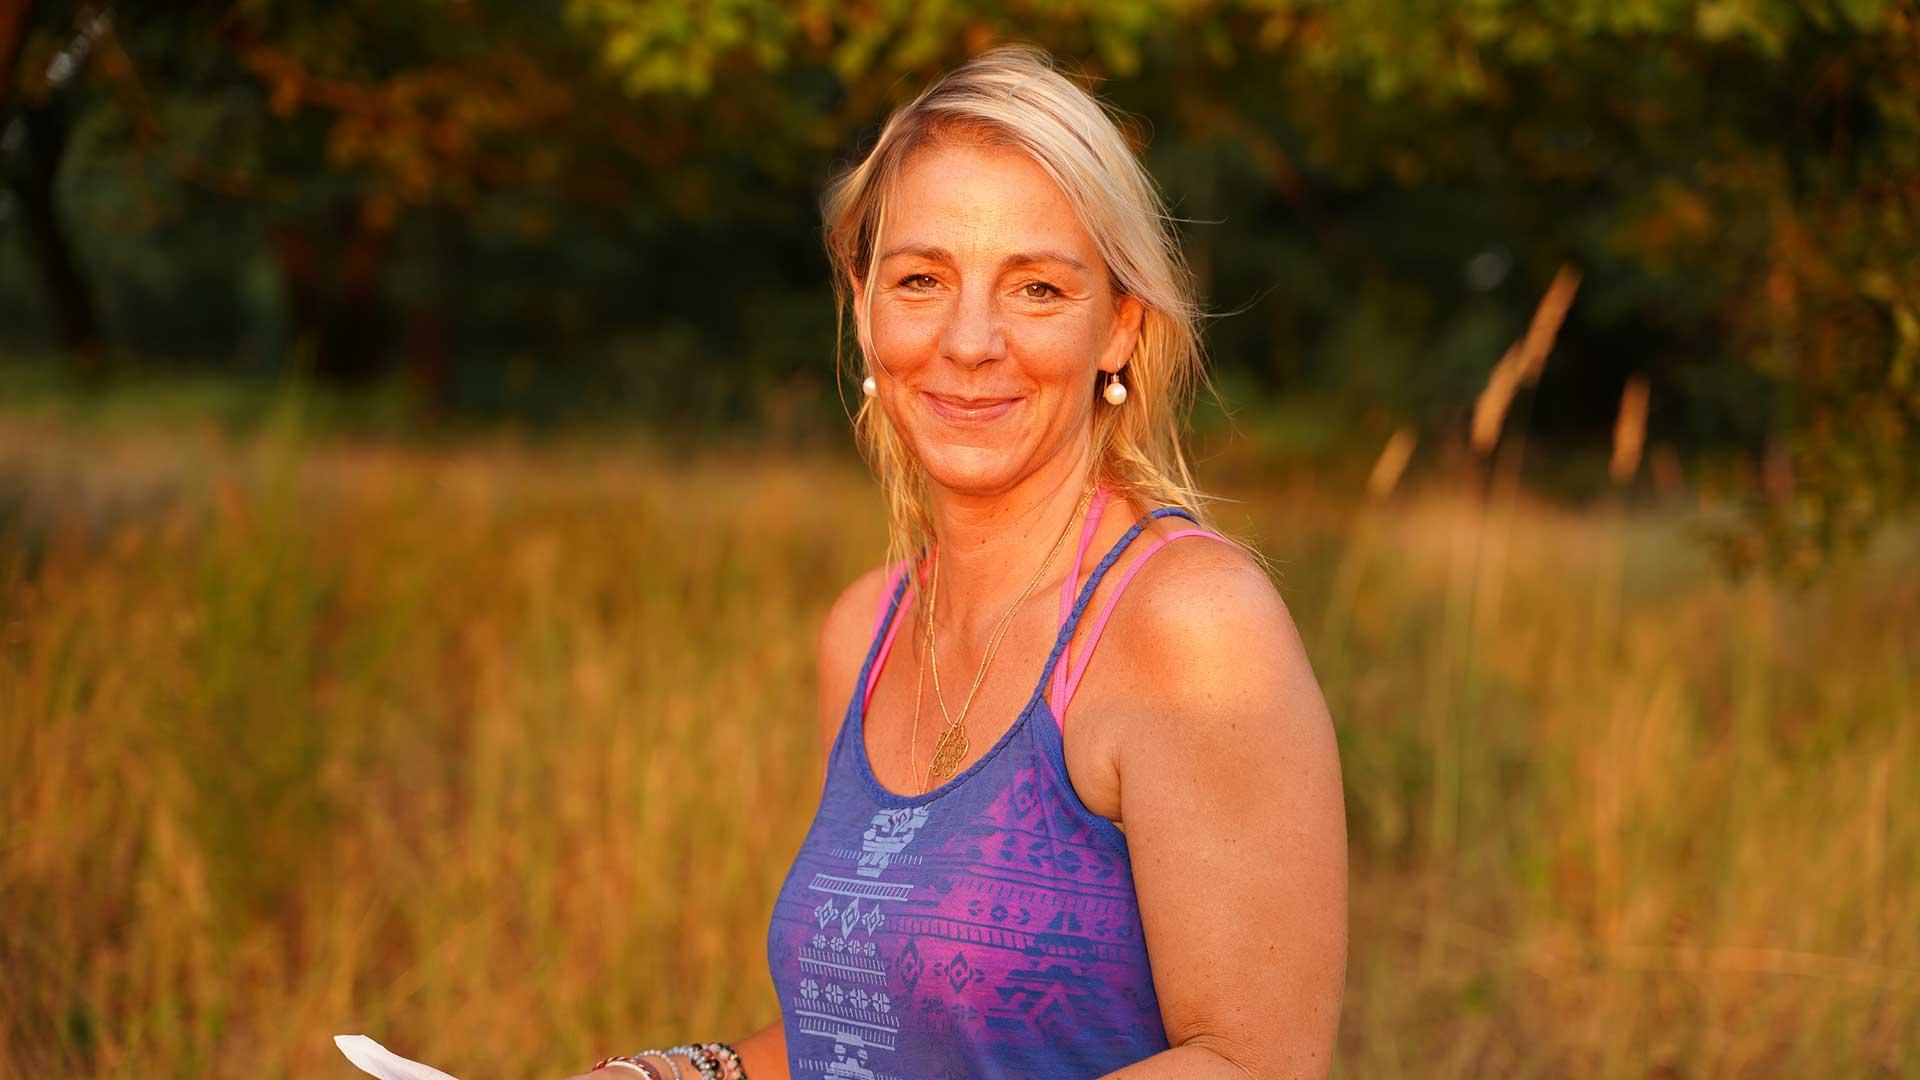 Aufnahme Yogaserie in der Natur!